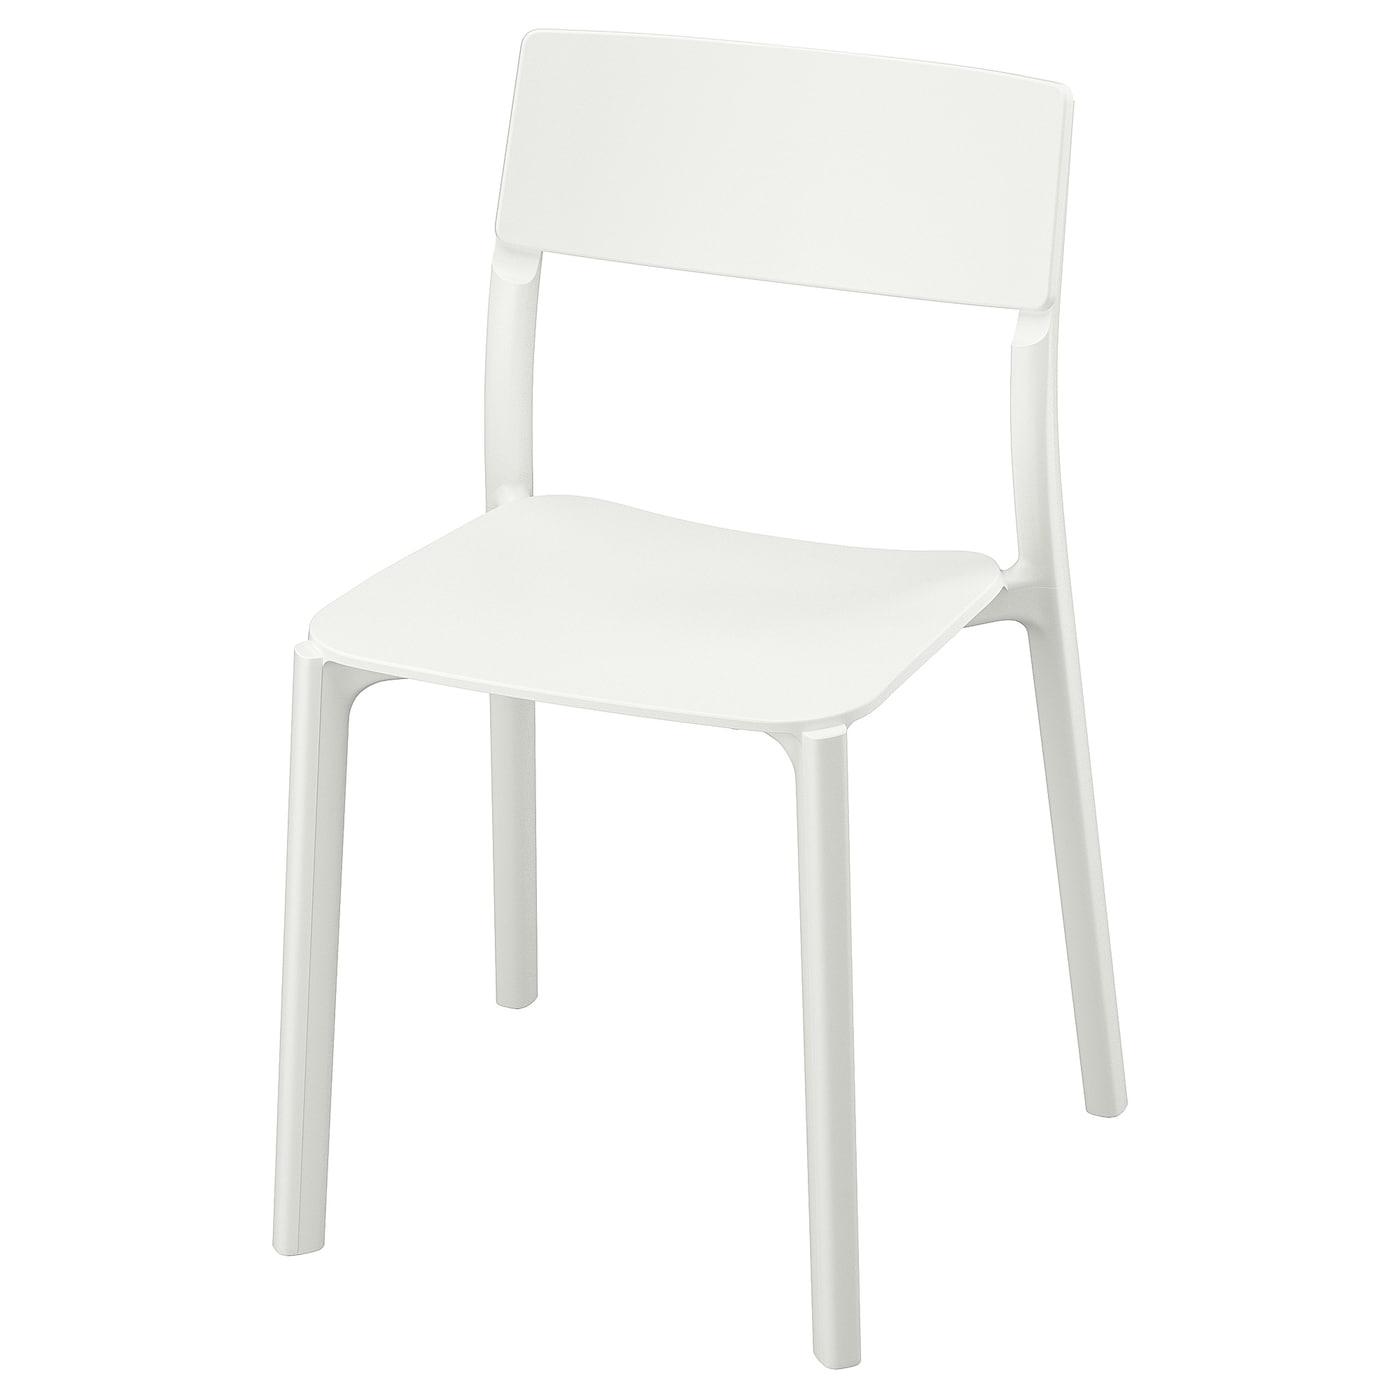 JANINGE Chaise, blanc IKEA